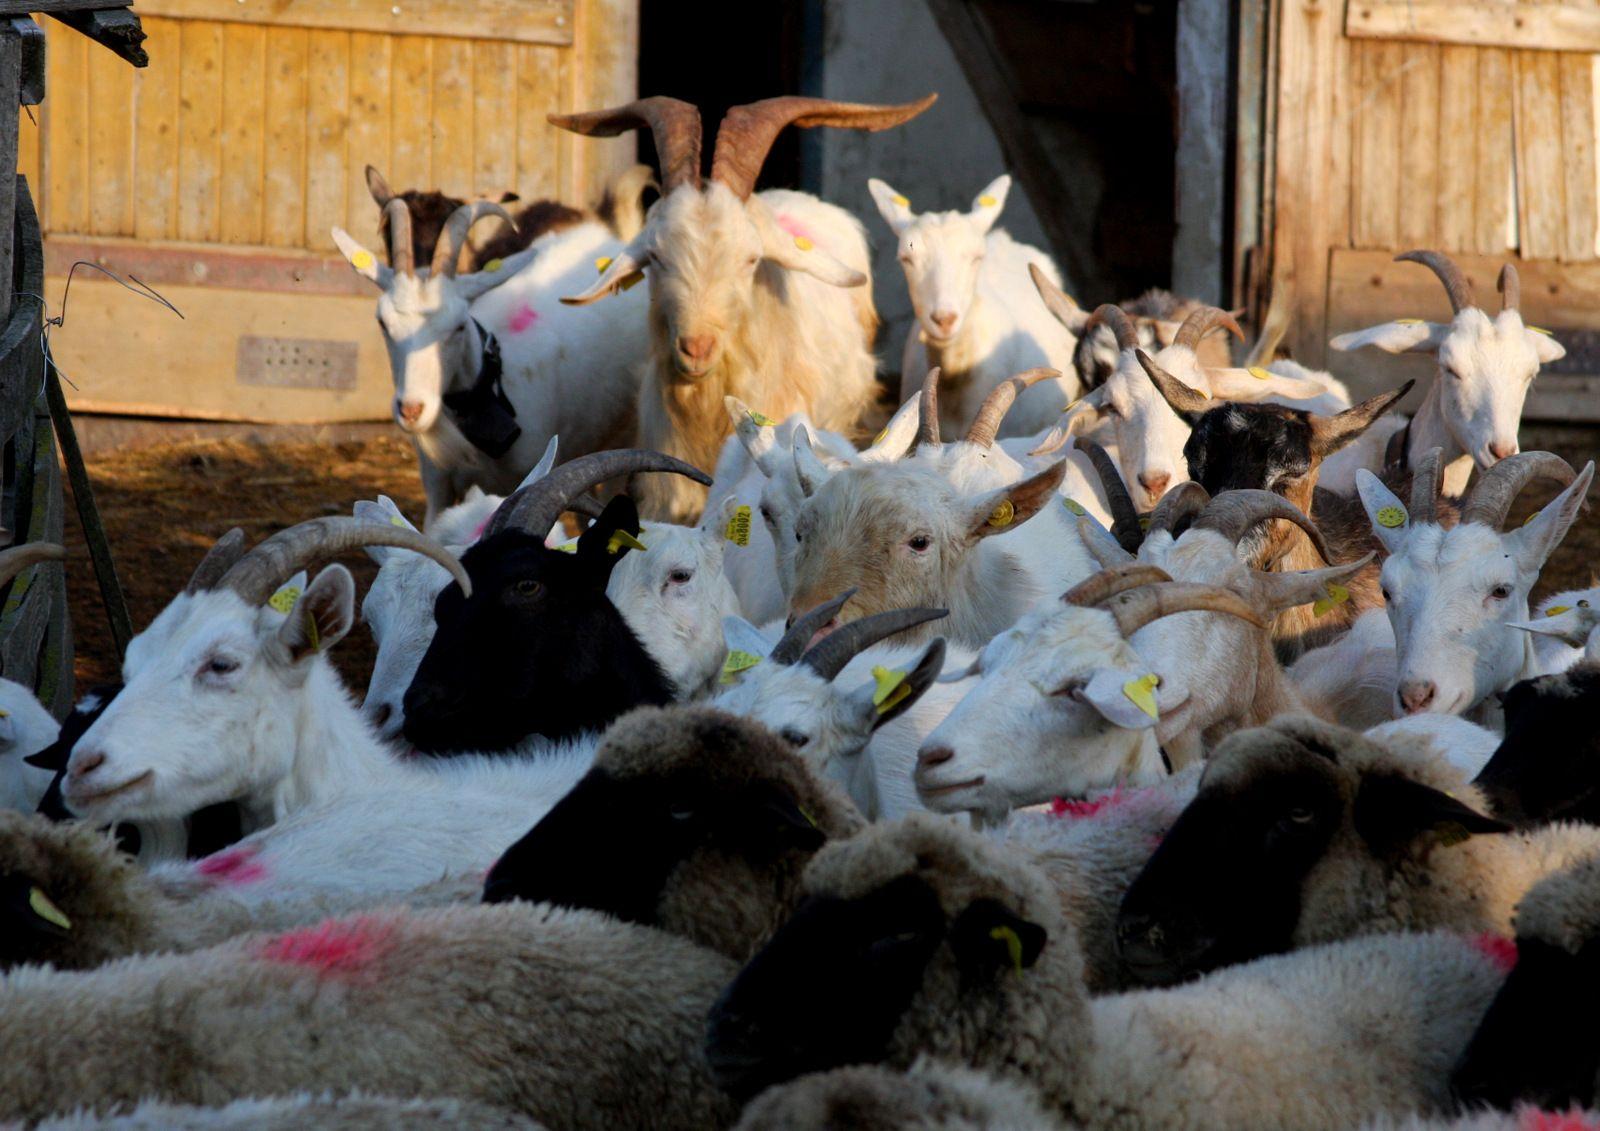 Stádo oviec na ekofarme v Proči práve vychádza z maštale a pridáva sa k ovciam na pašu.